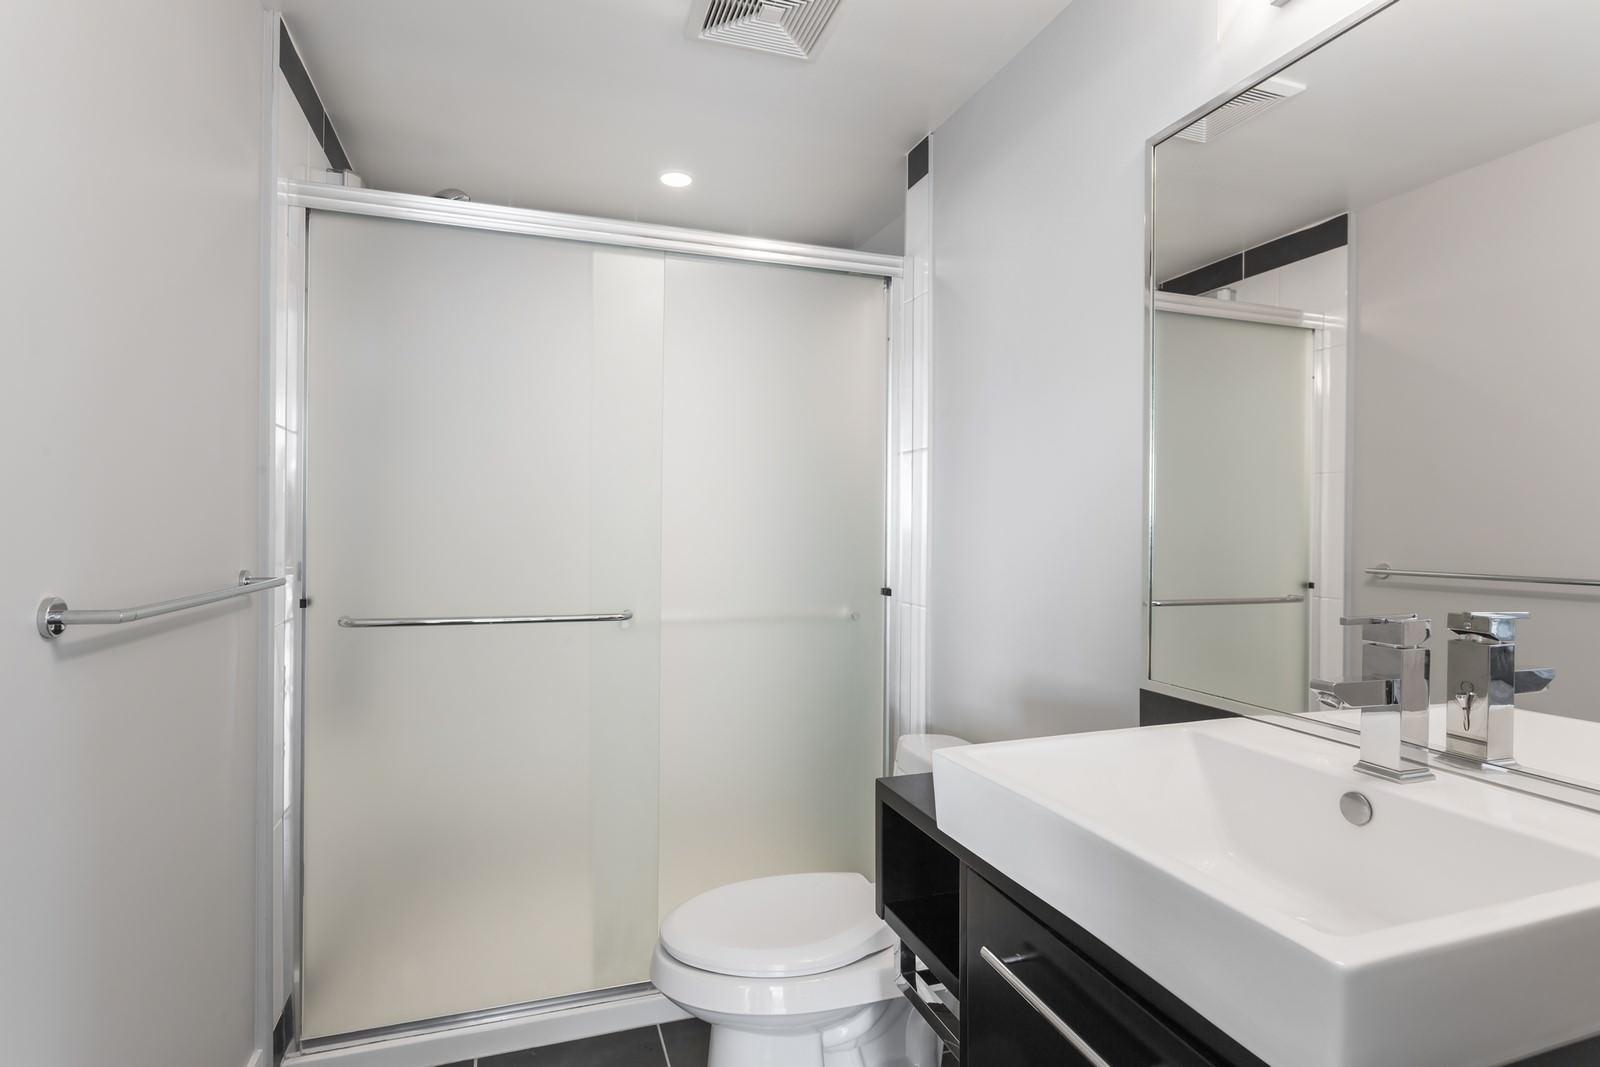 les salles d eau les salles d eau les salles dueau mobilit rduite et dans les salles dueau. Black Bedroom Furniture Sets. Home Design Ideas